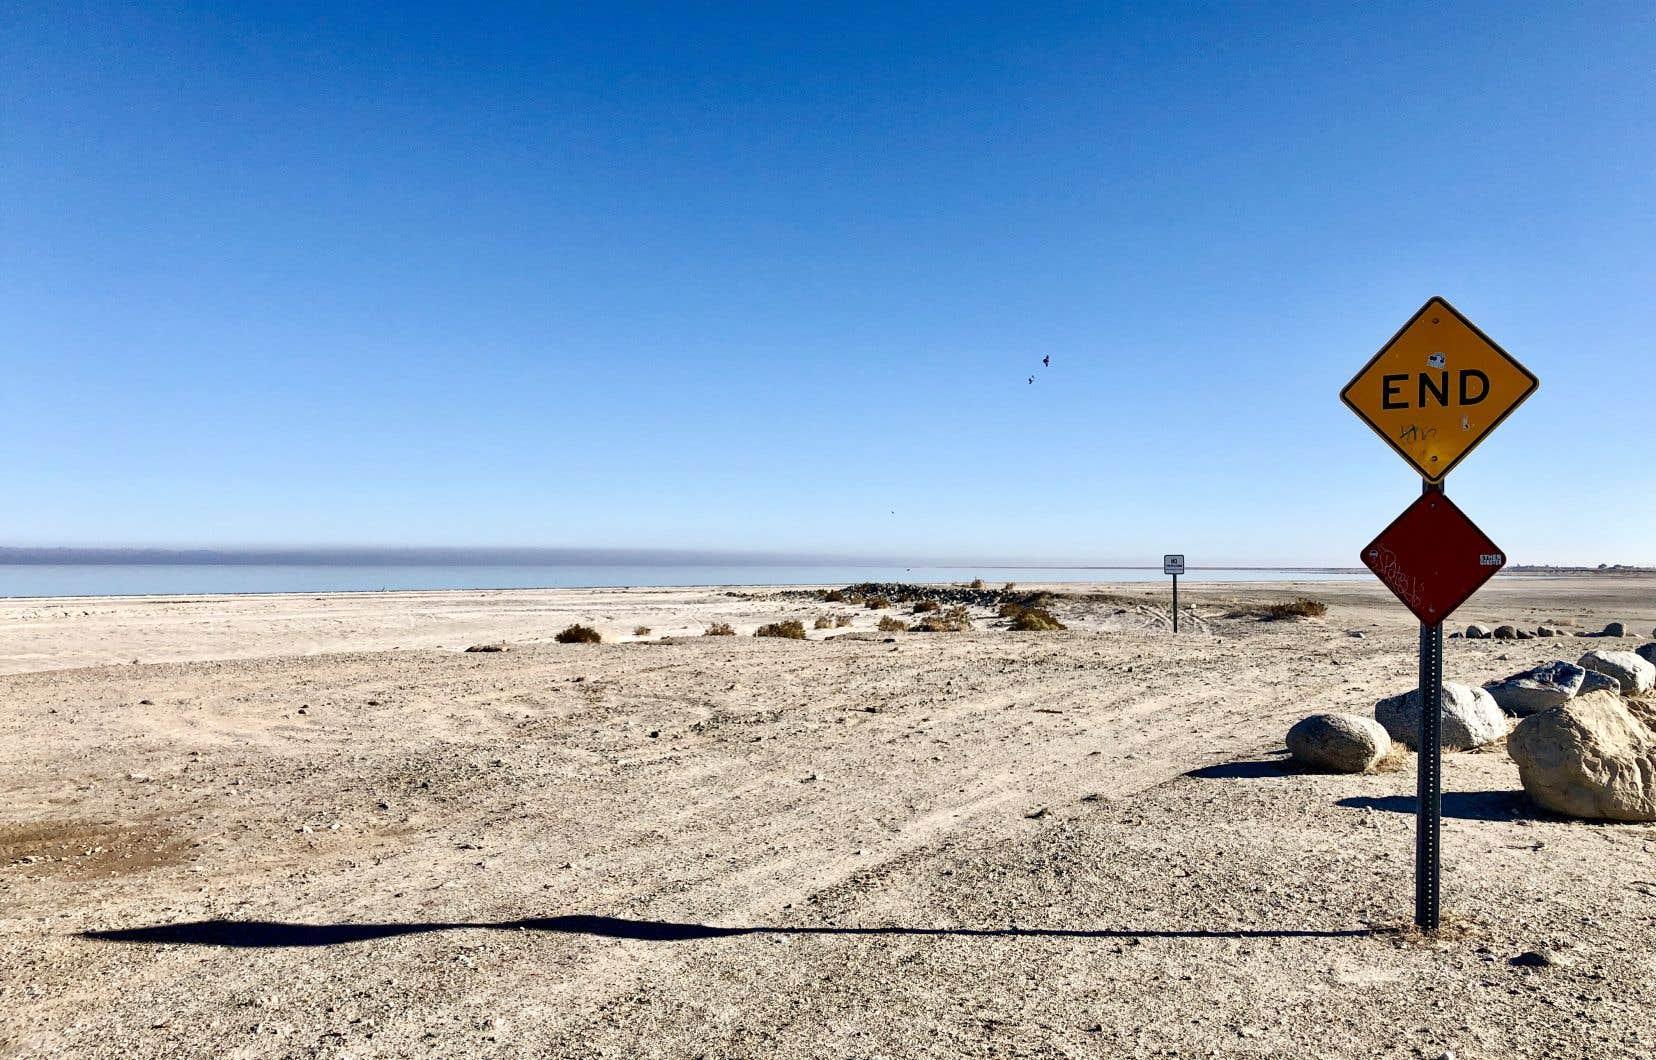 Le fond marin du lac Salton Sea est progressivement exposé à l'air, causant des maladies respiratoires à des kilomètres à la ronde.